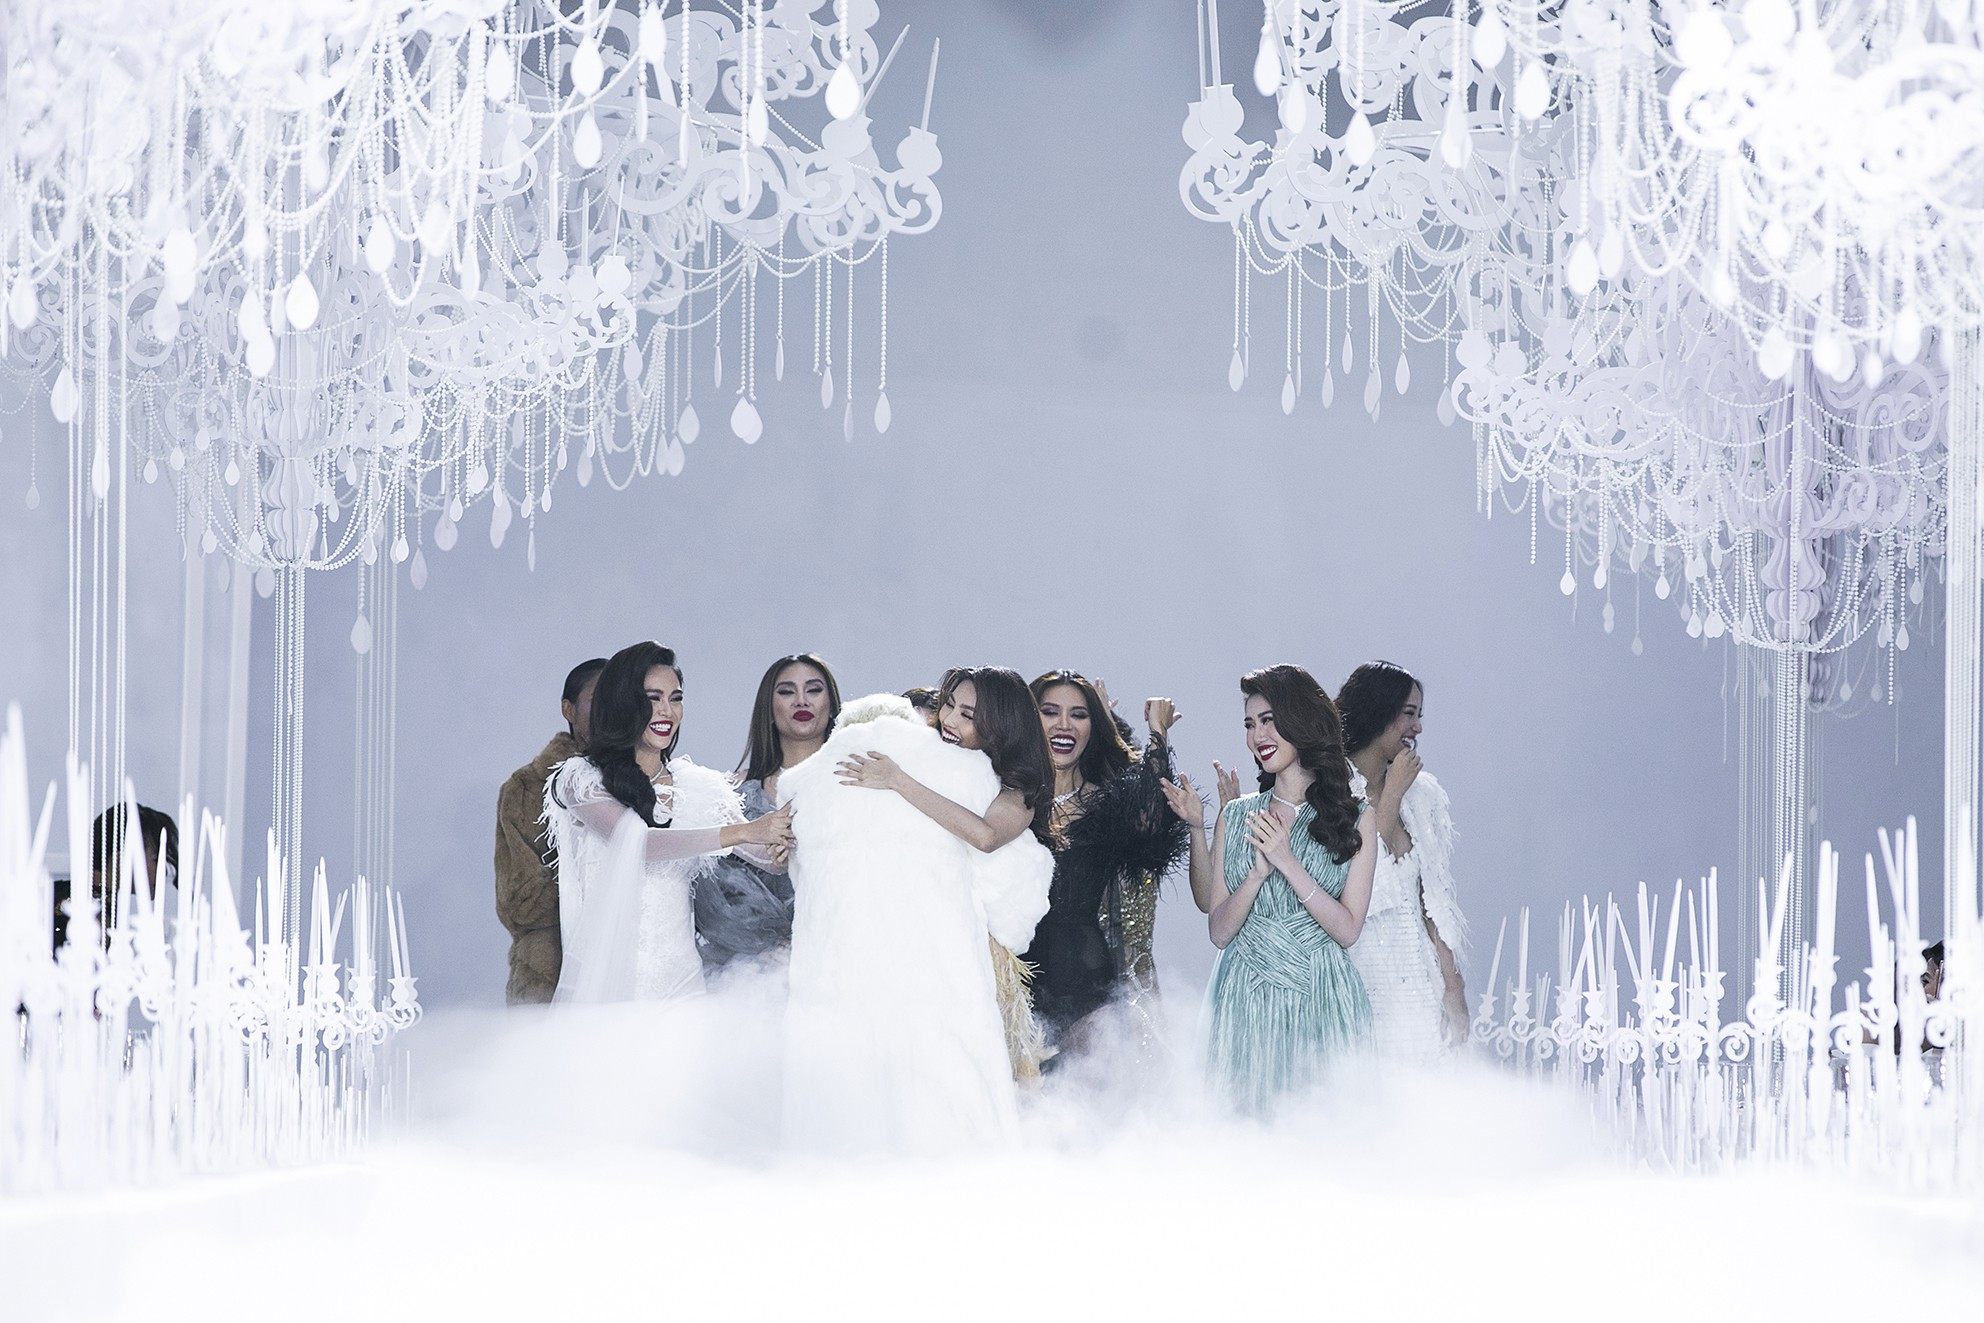 Bật mí hậu trường thú vị trong show đình đám gây tiếng vang của Lý Quí Khánh - Ảnh 4.